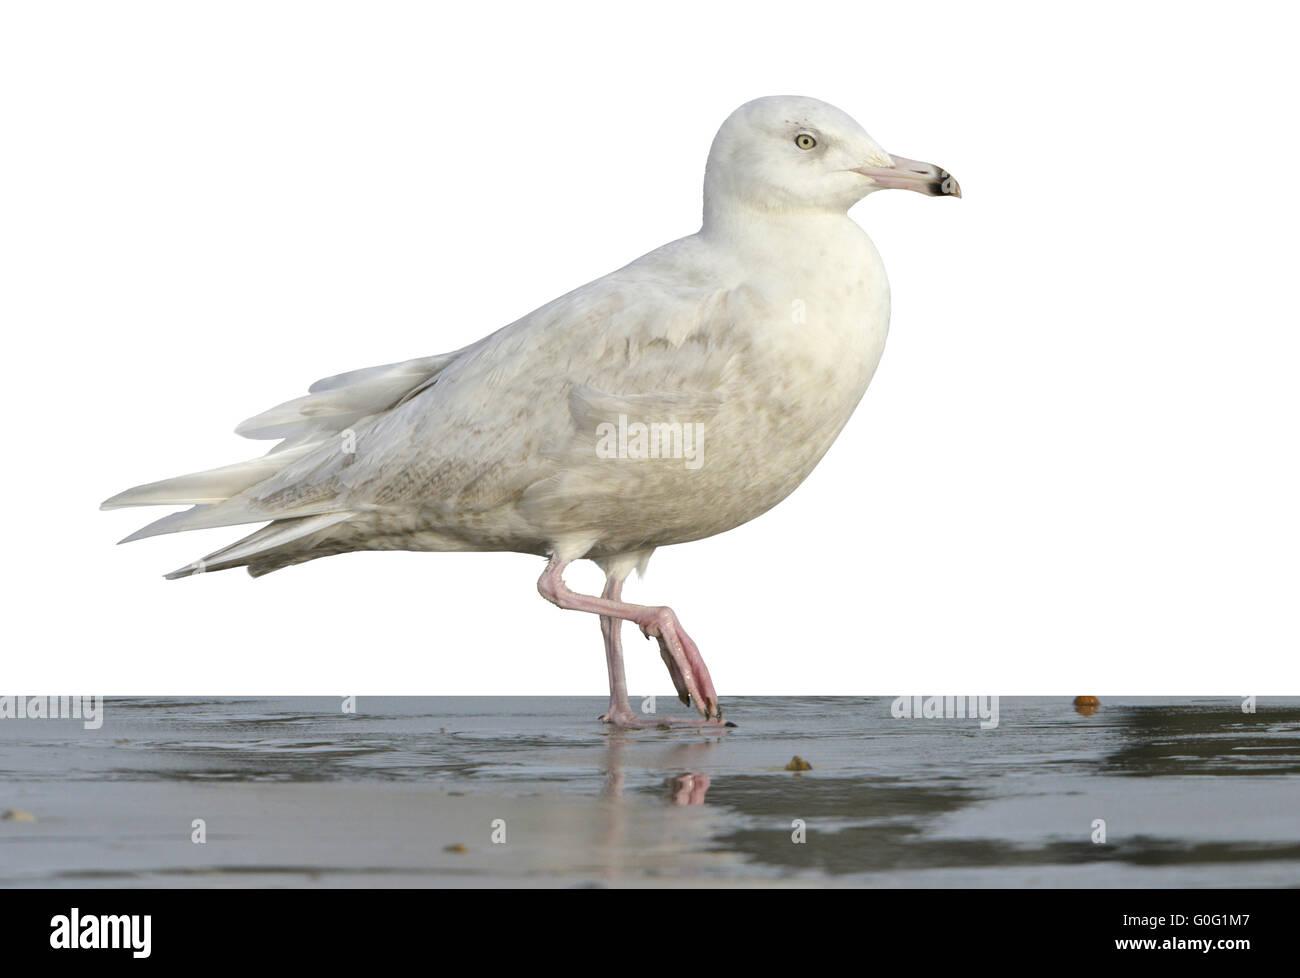 Glaucous Gull - Larus hyperboreus - 1st winter - Stock Image